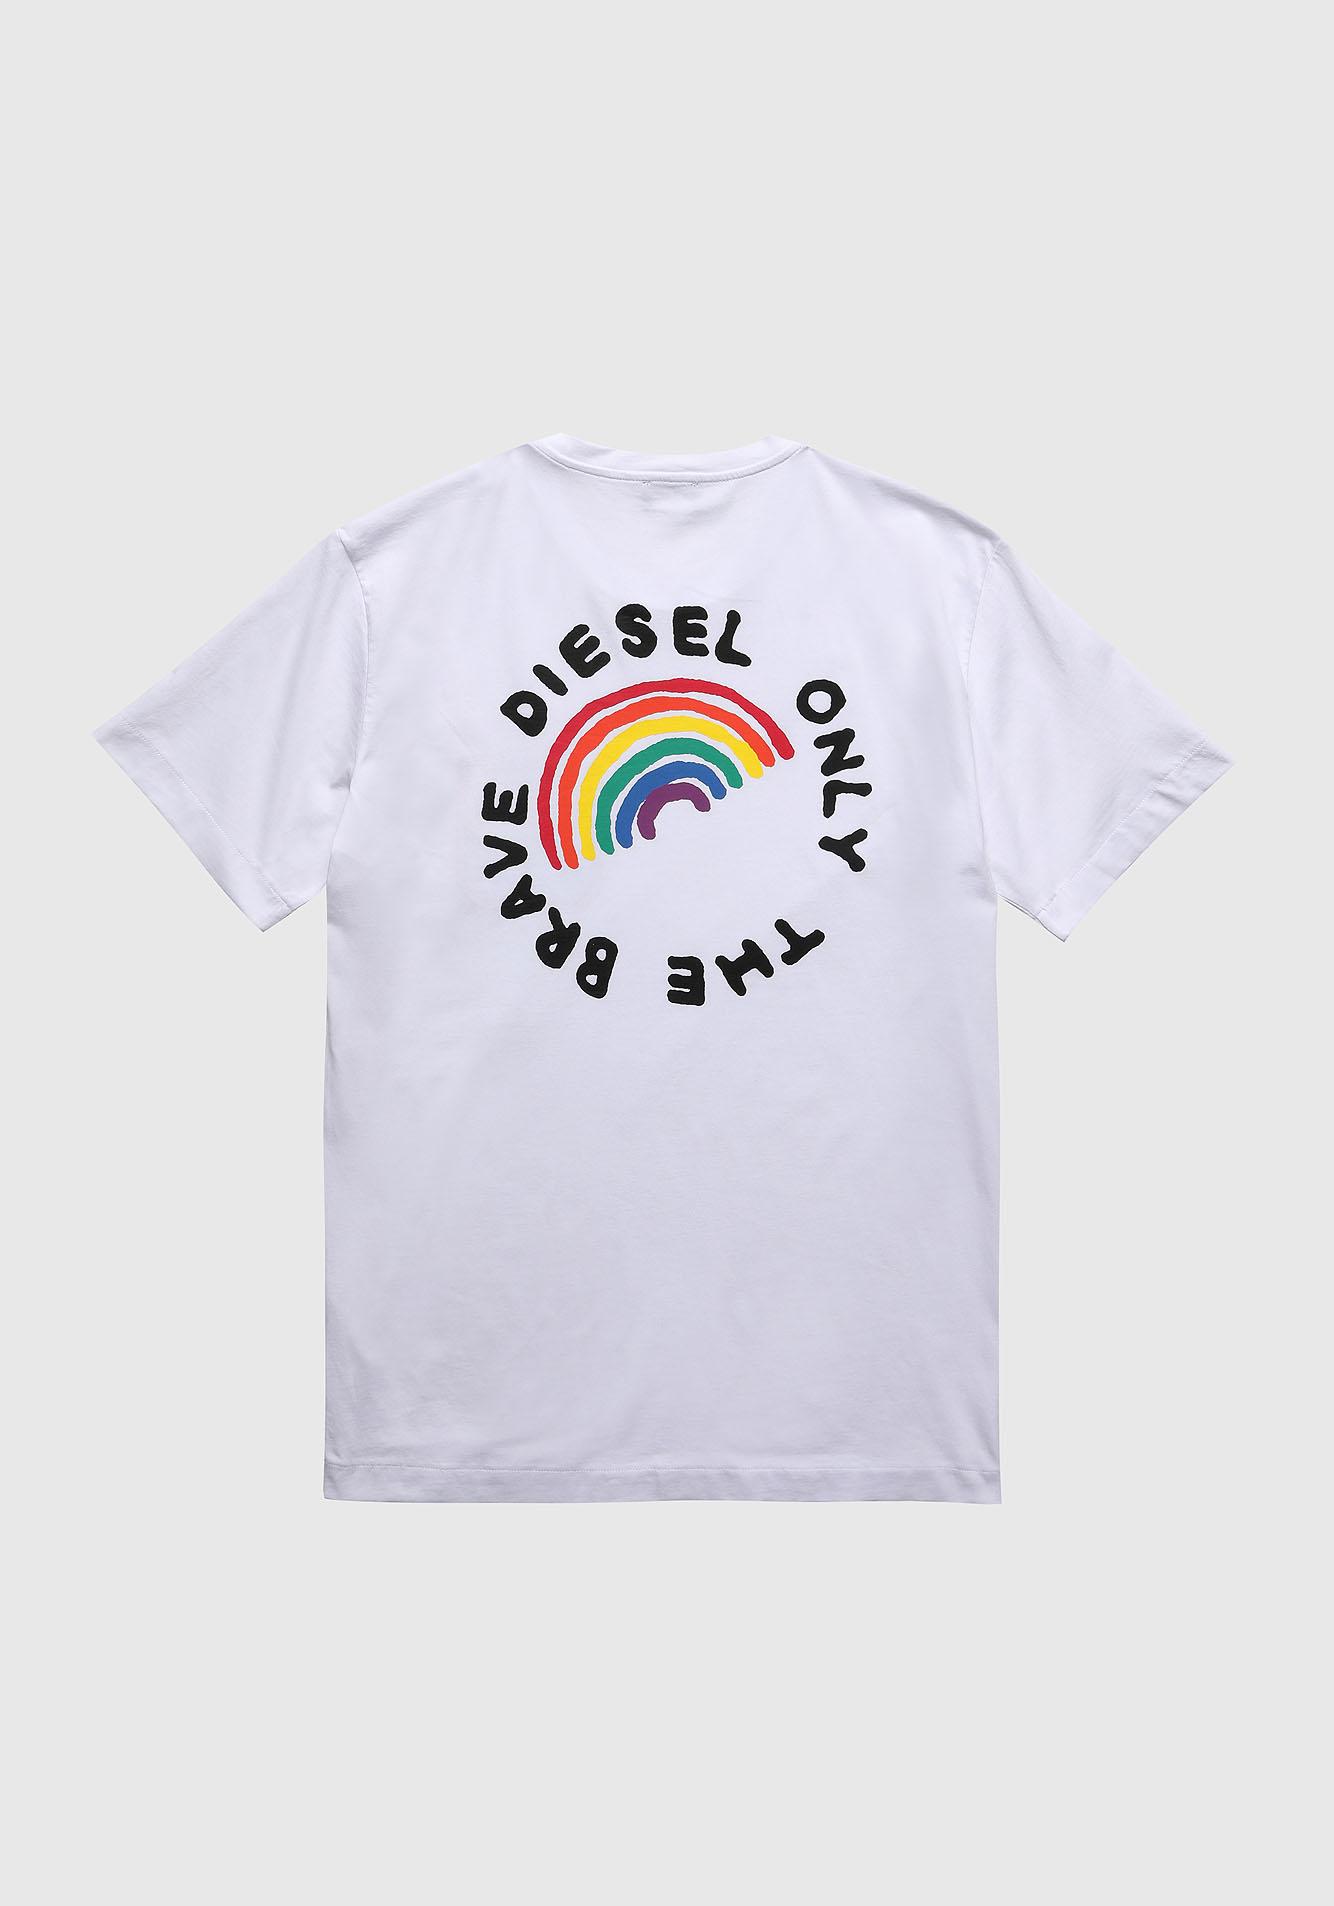 Diesel Pride Shirt DIEGO White